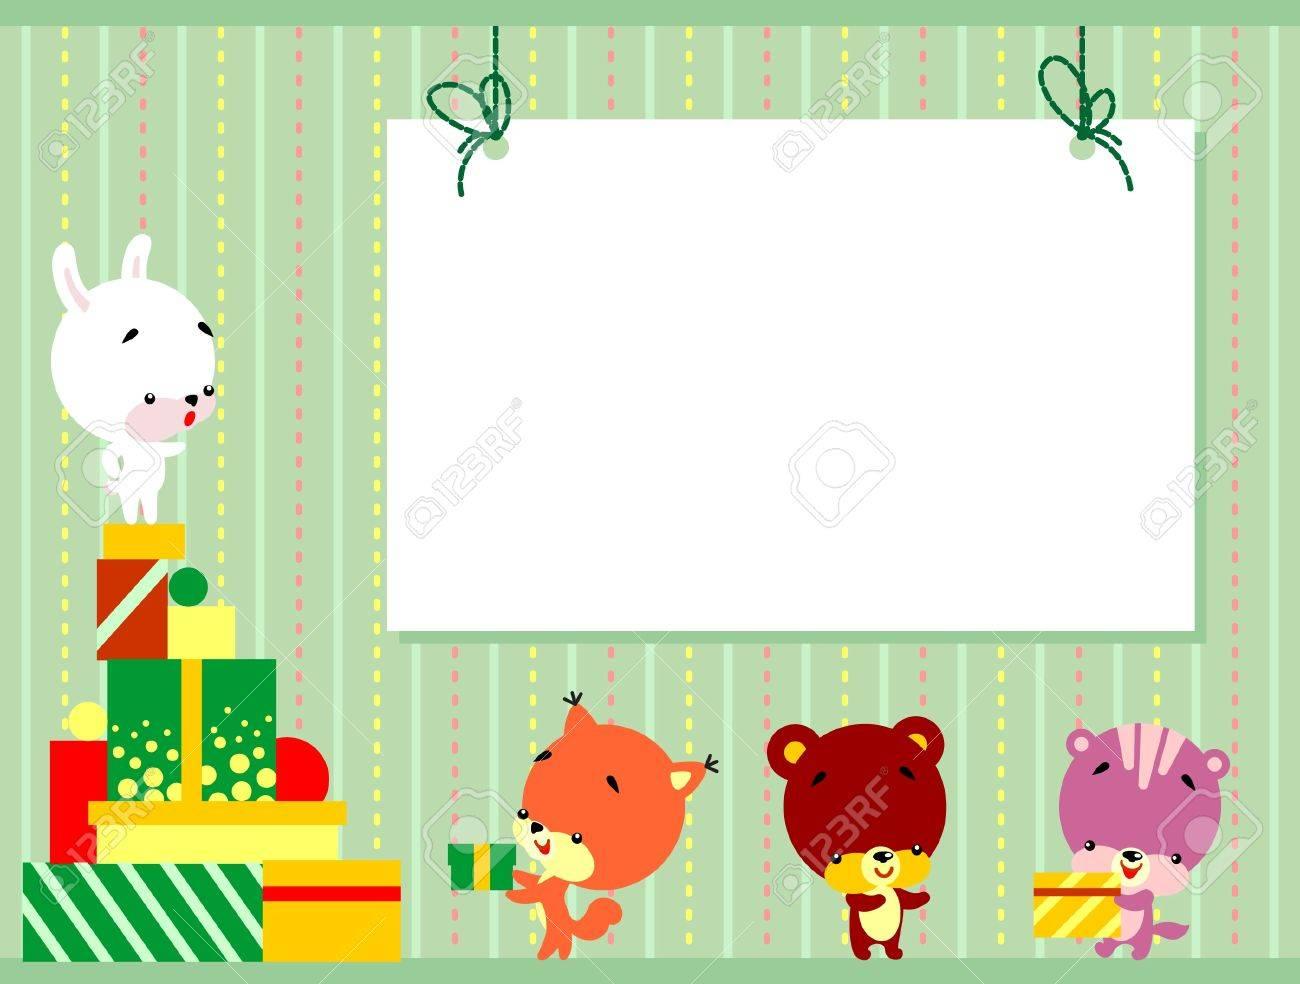 Ilustración De Lindos Animalitos De Dibujos Animados Con Las Cajas